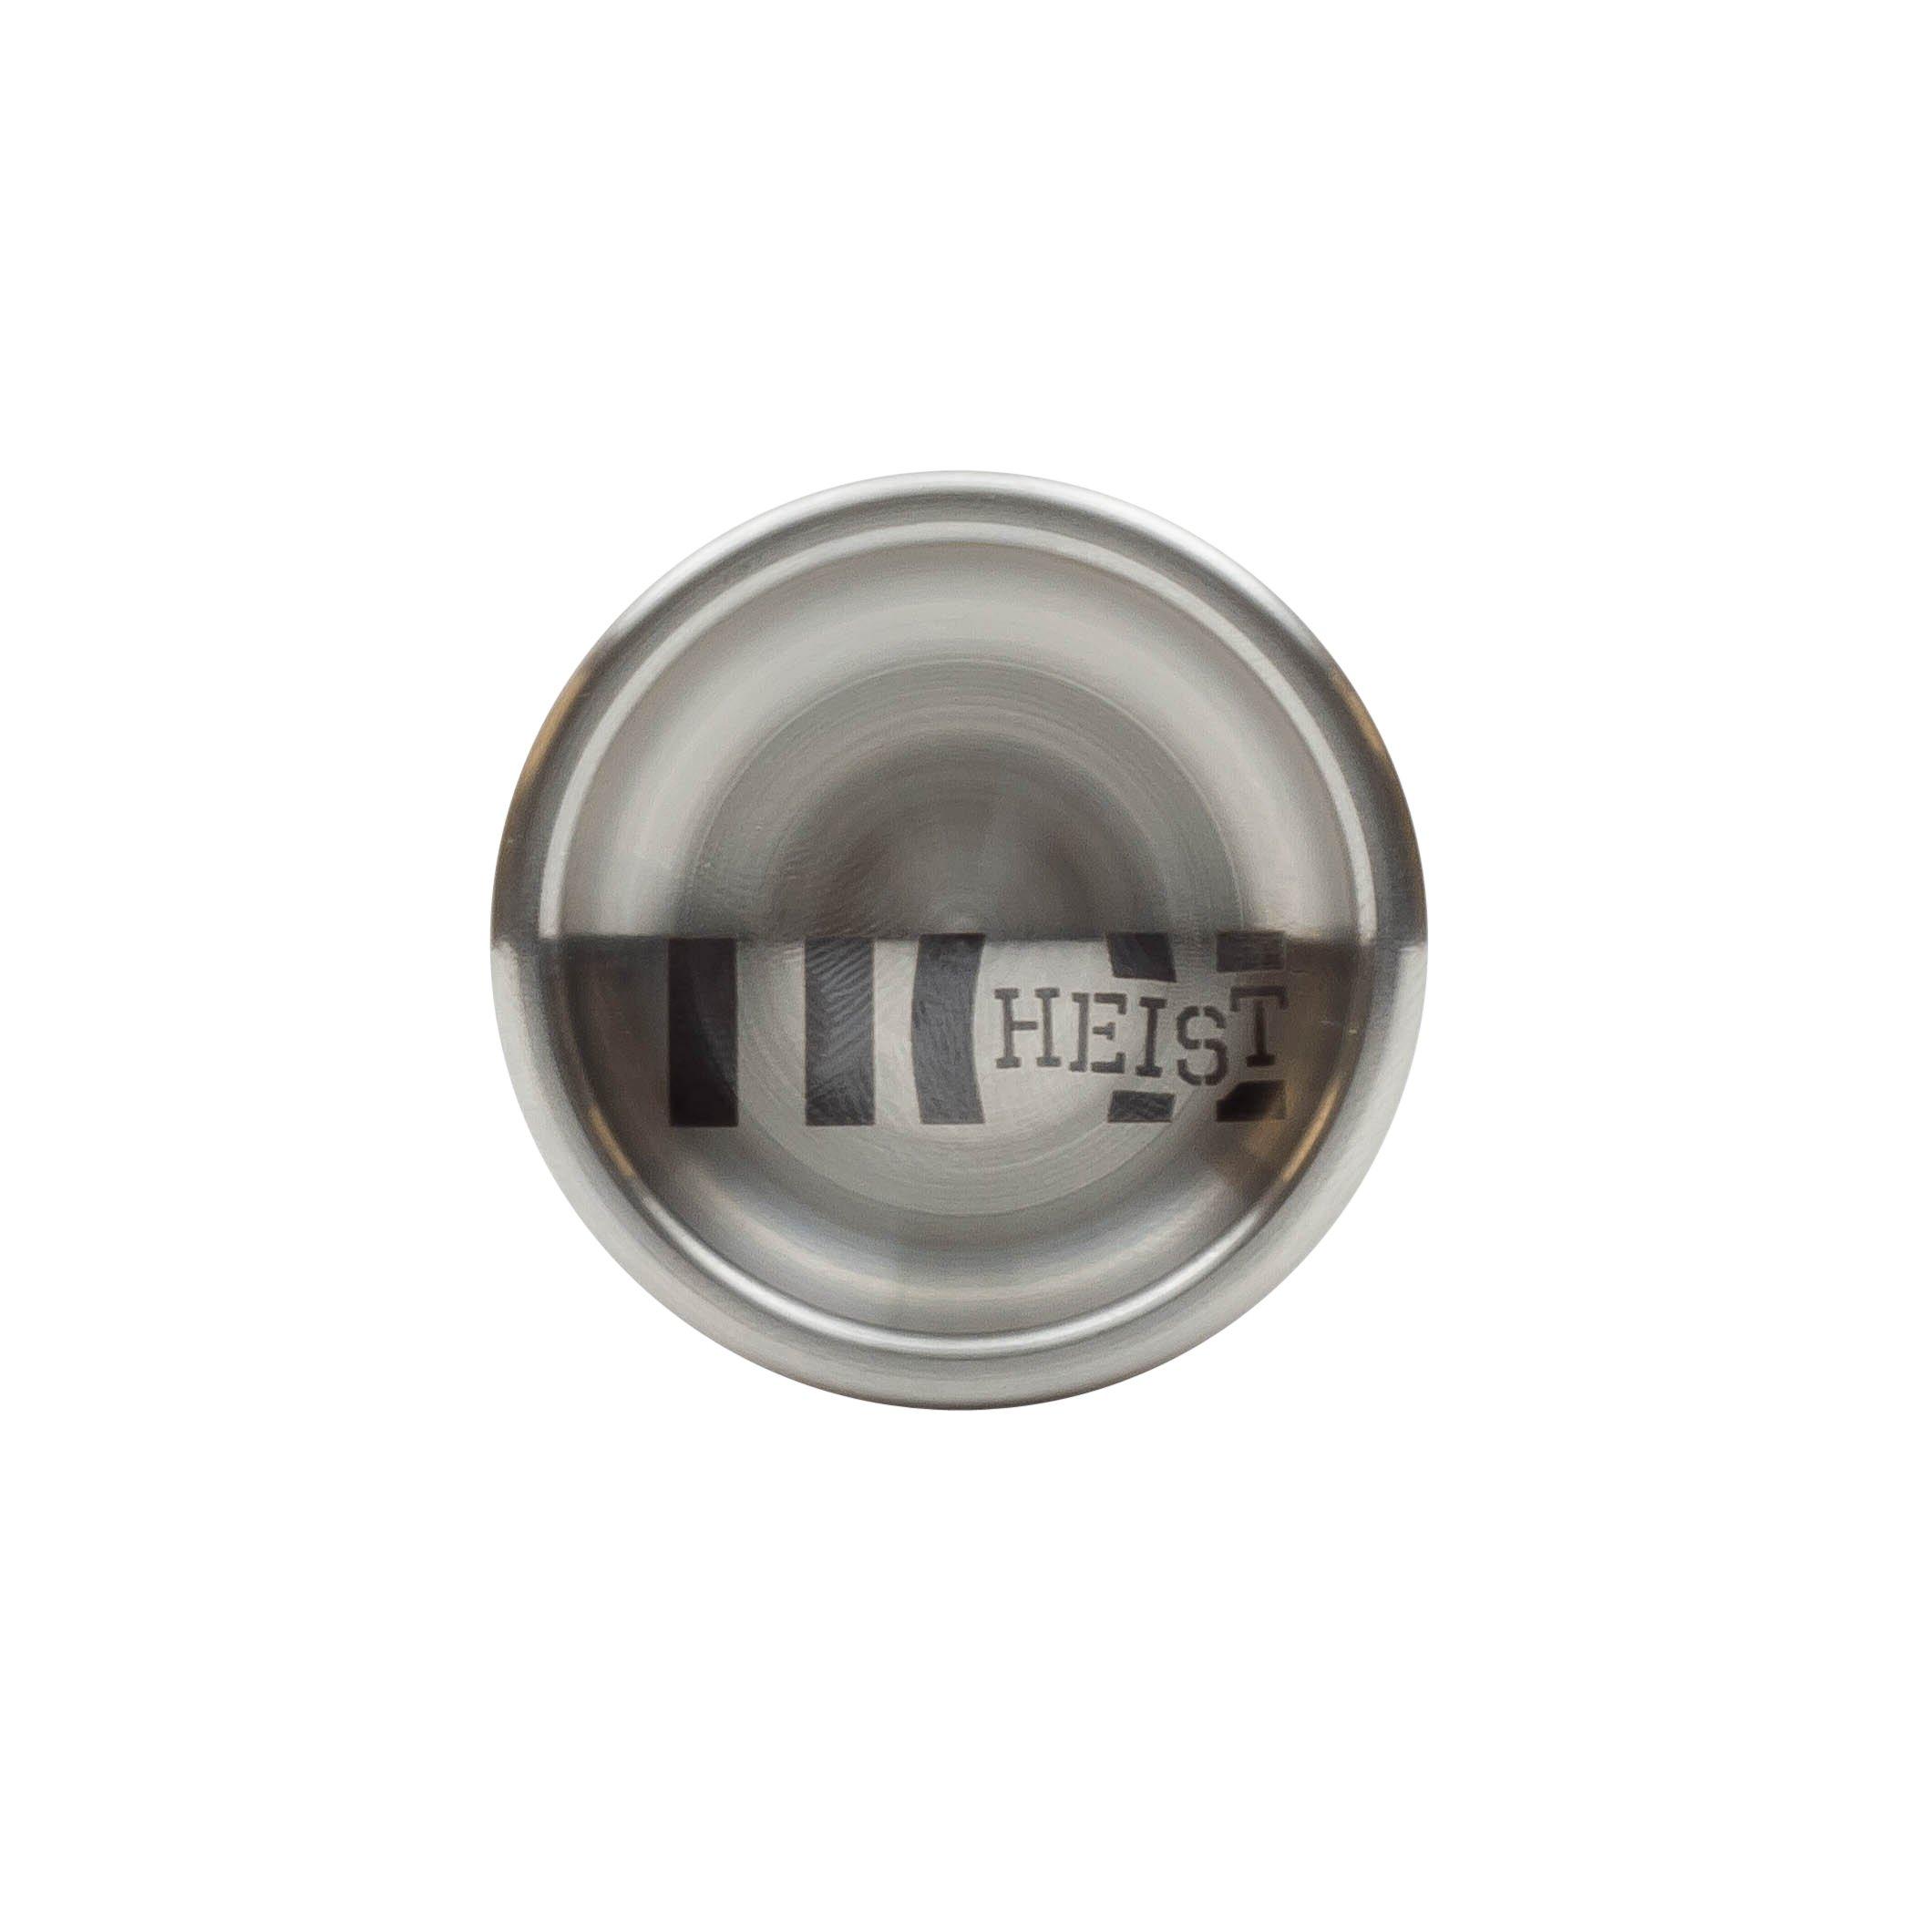 Heist Professional Pocket Yoyo by Yoyo Factory Color Silver